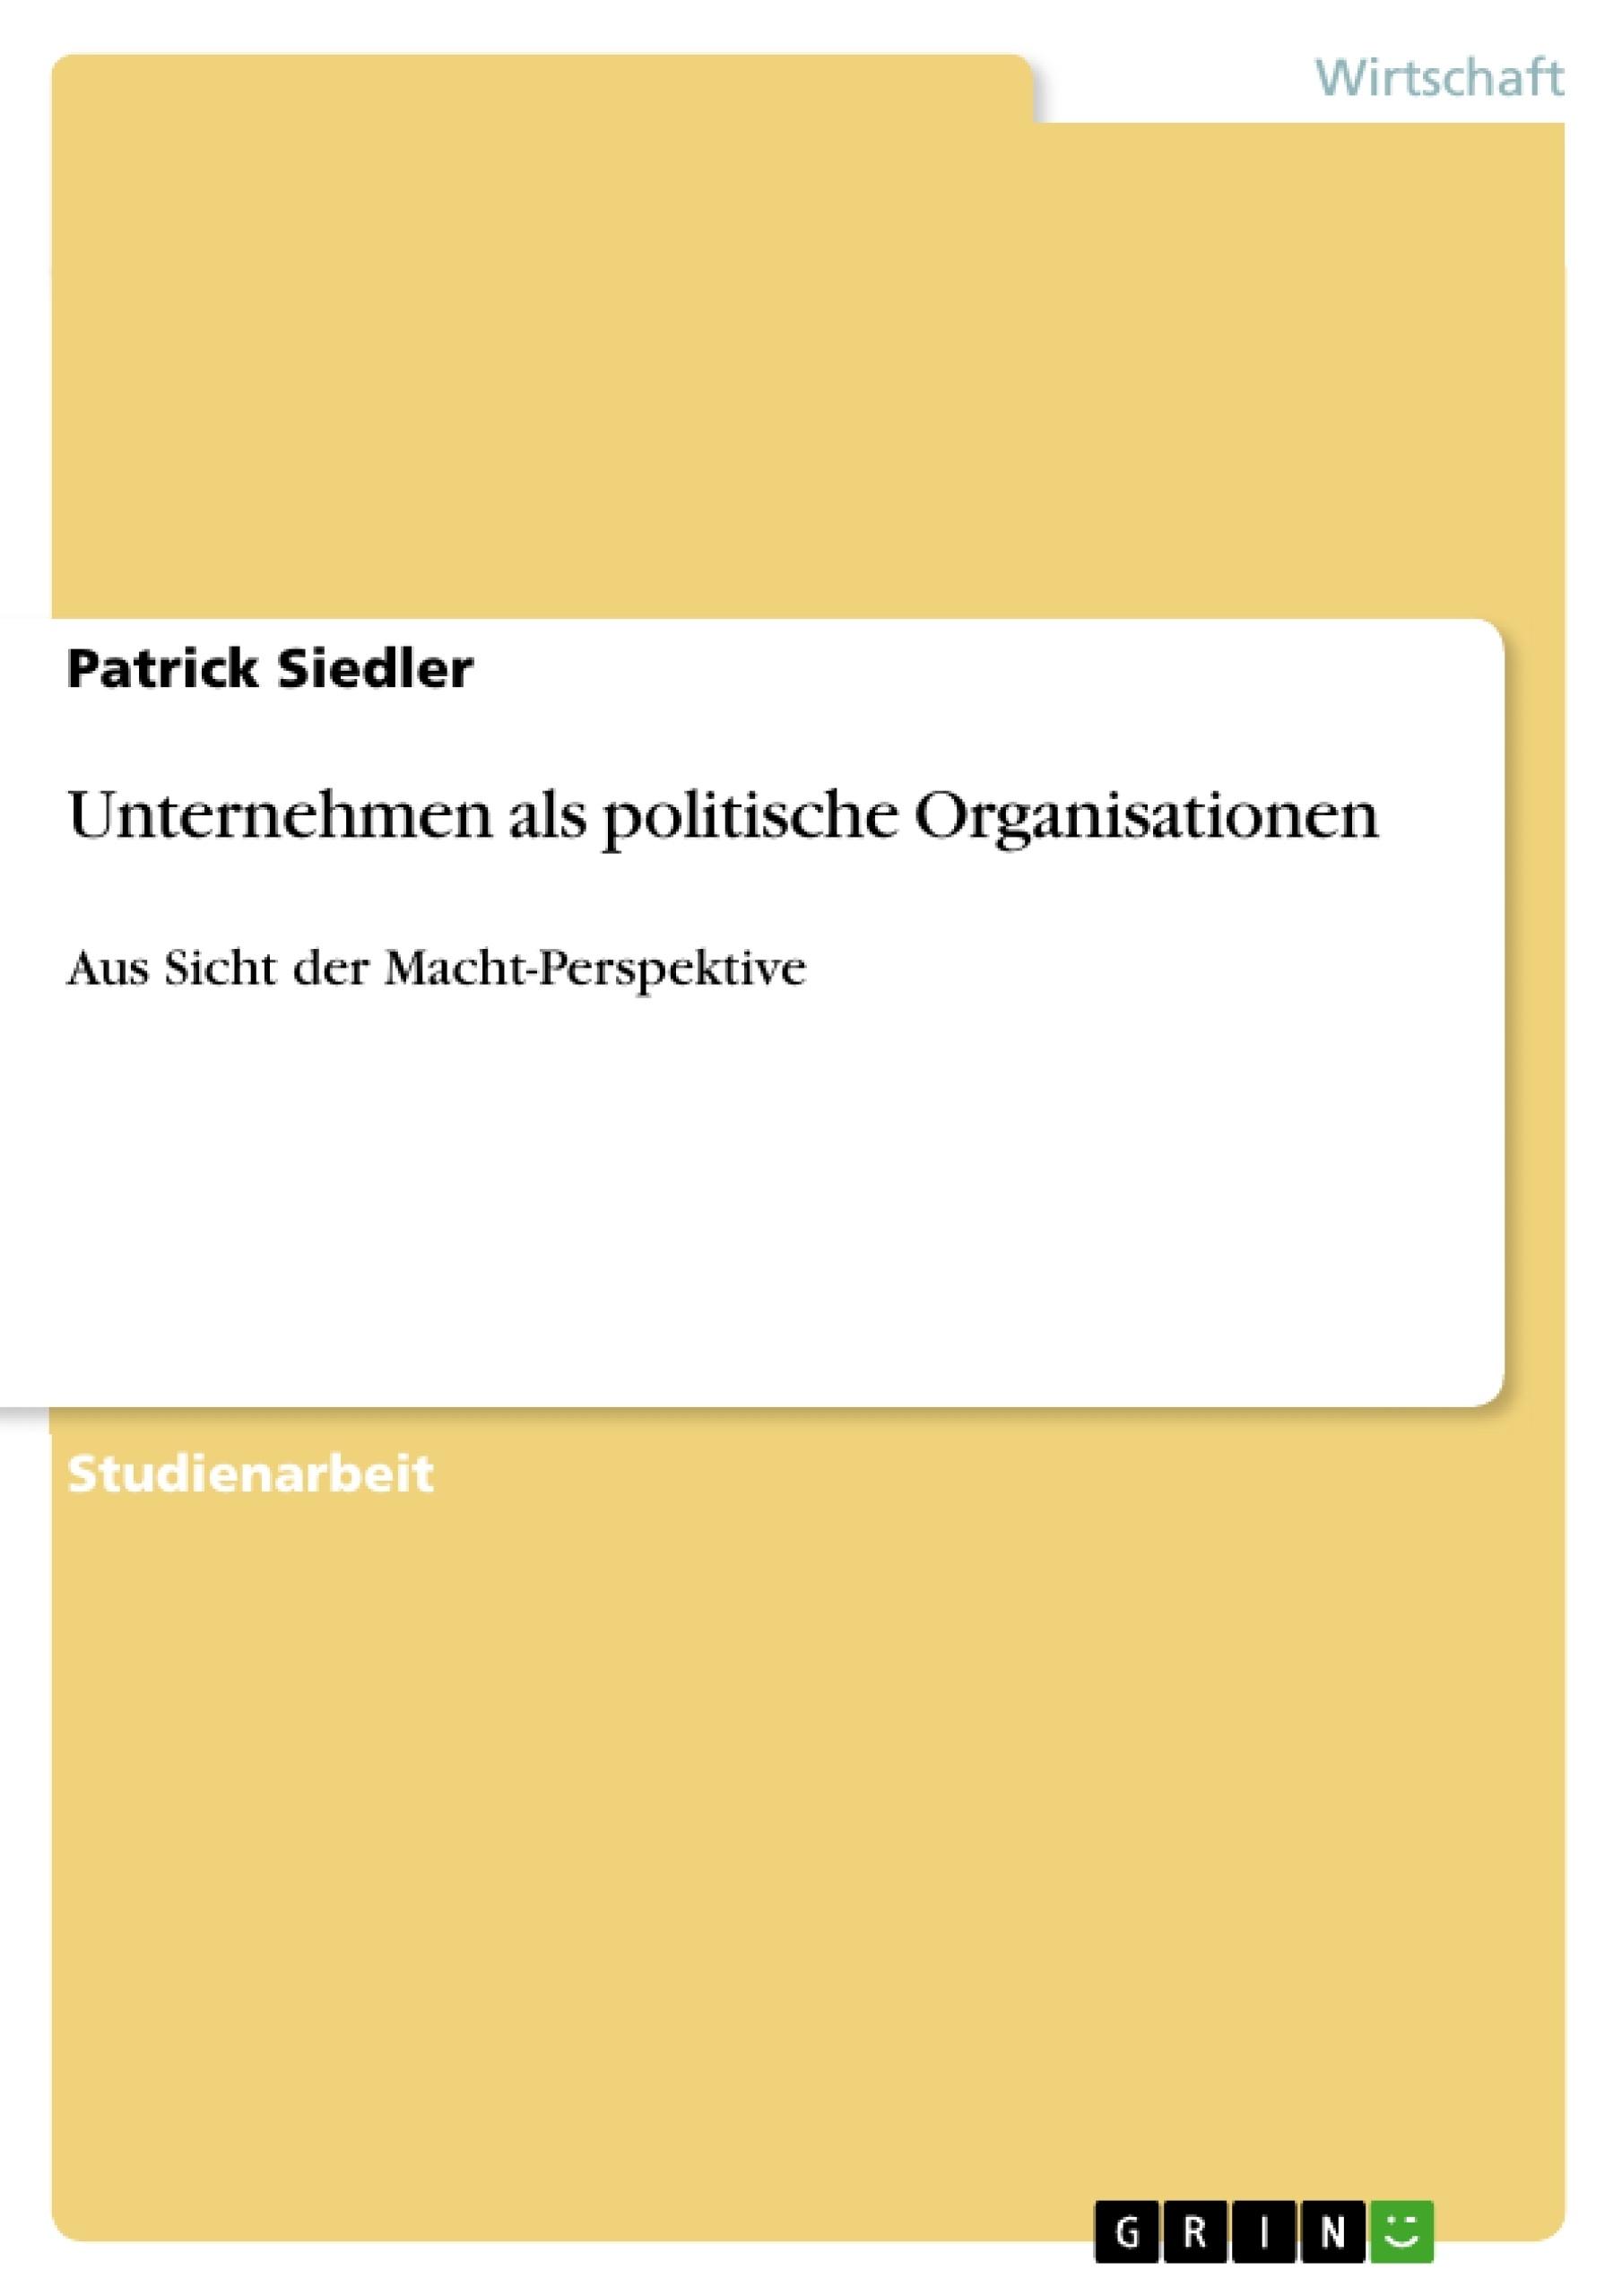 Titel: Unternehmen als politische Organisationen